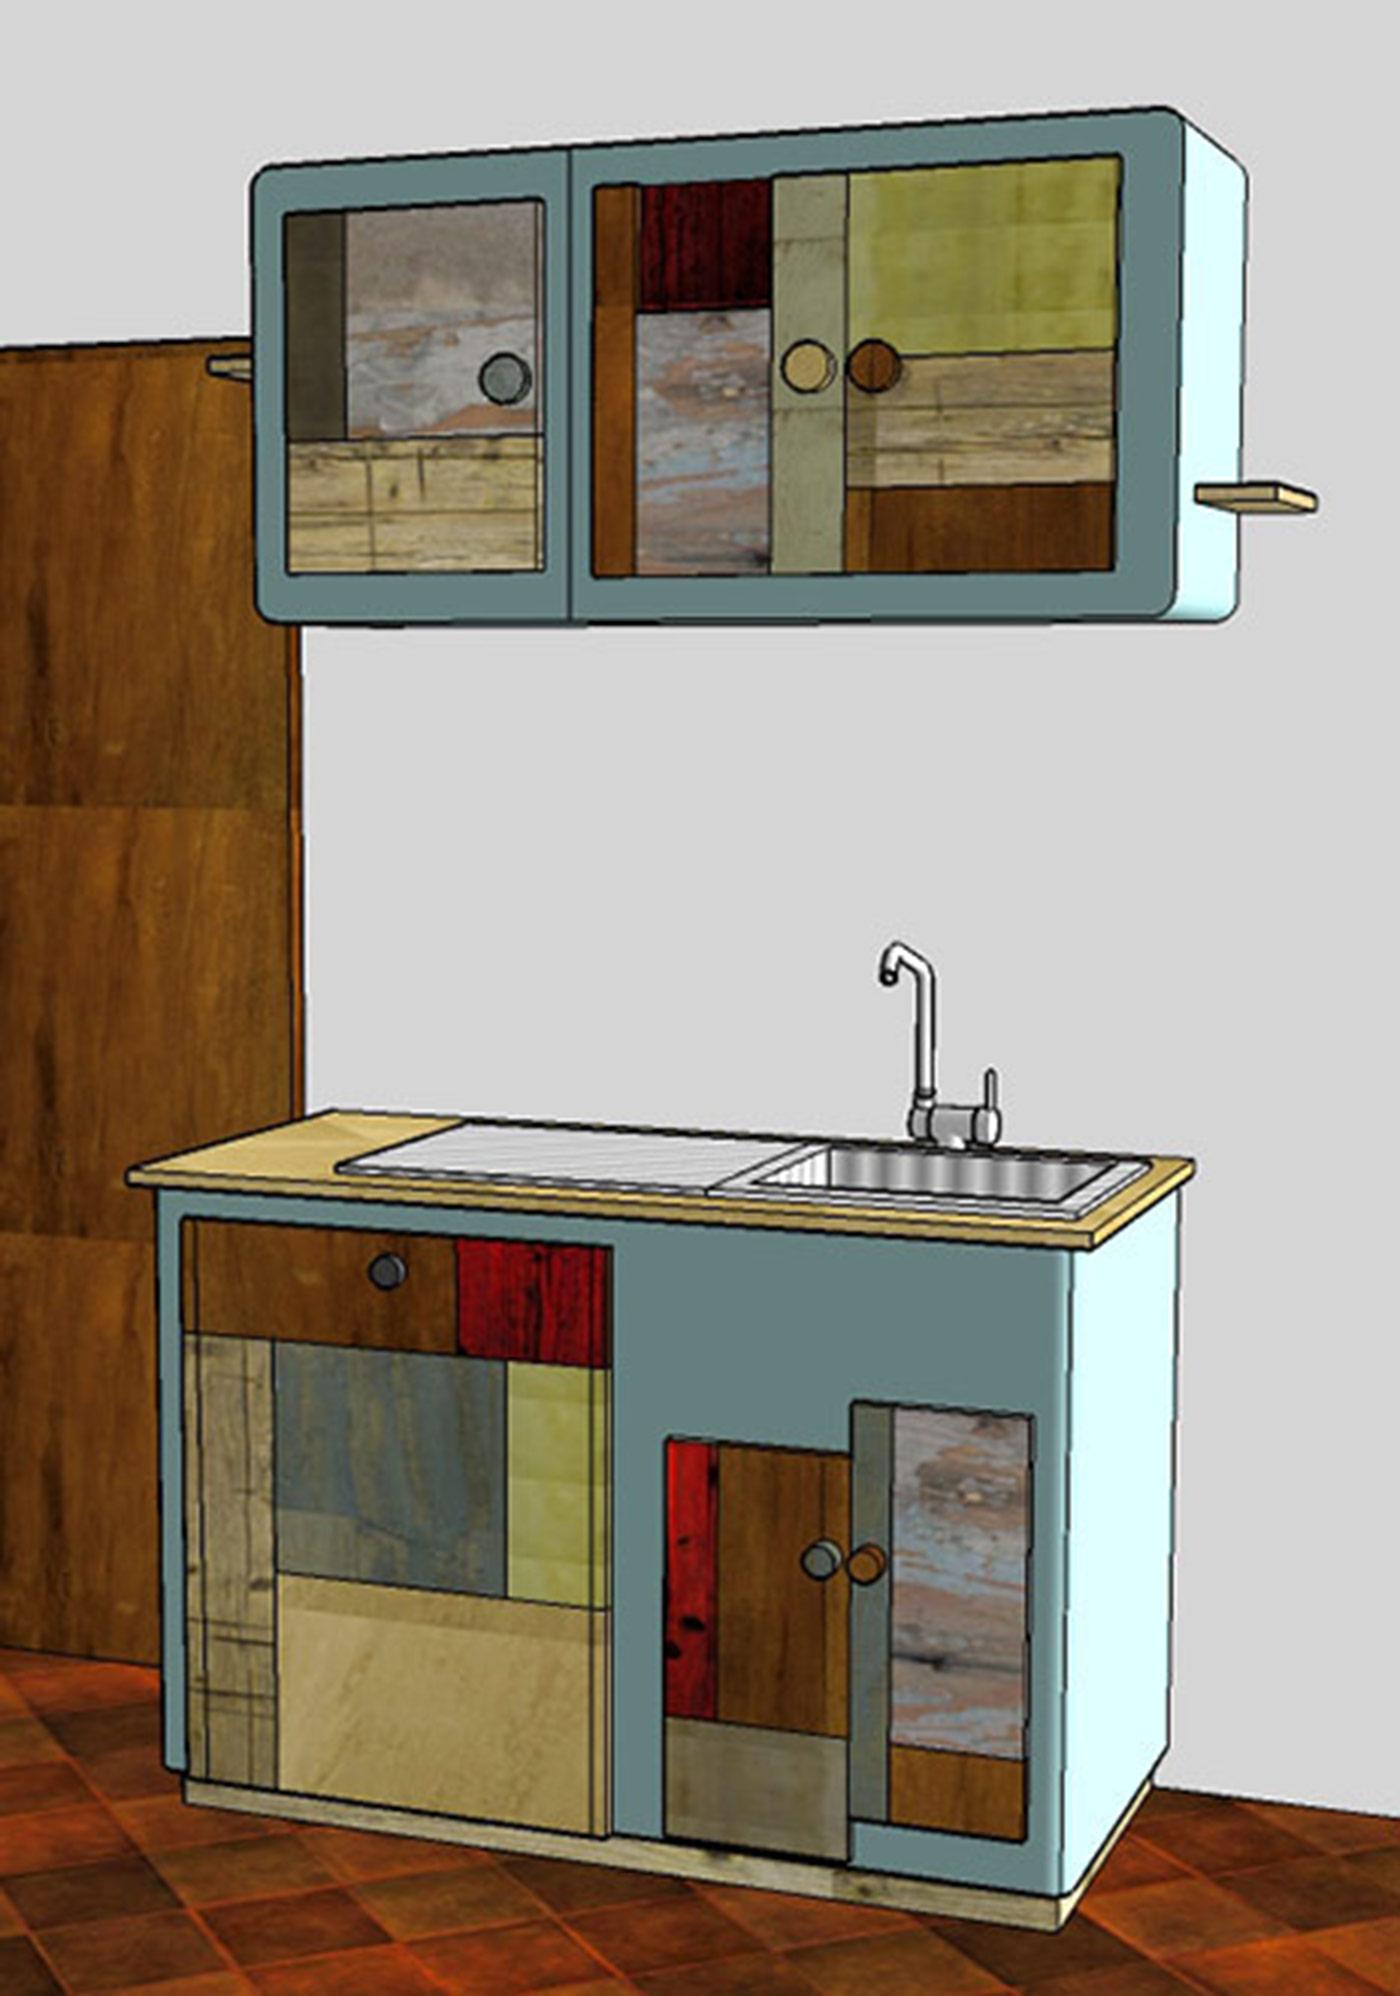 Progetta la tua cucina artigianale su misura  Laquercia21